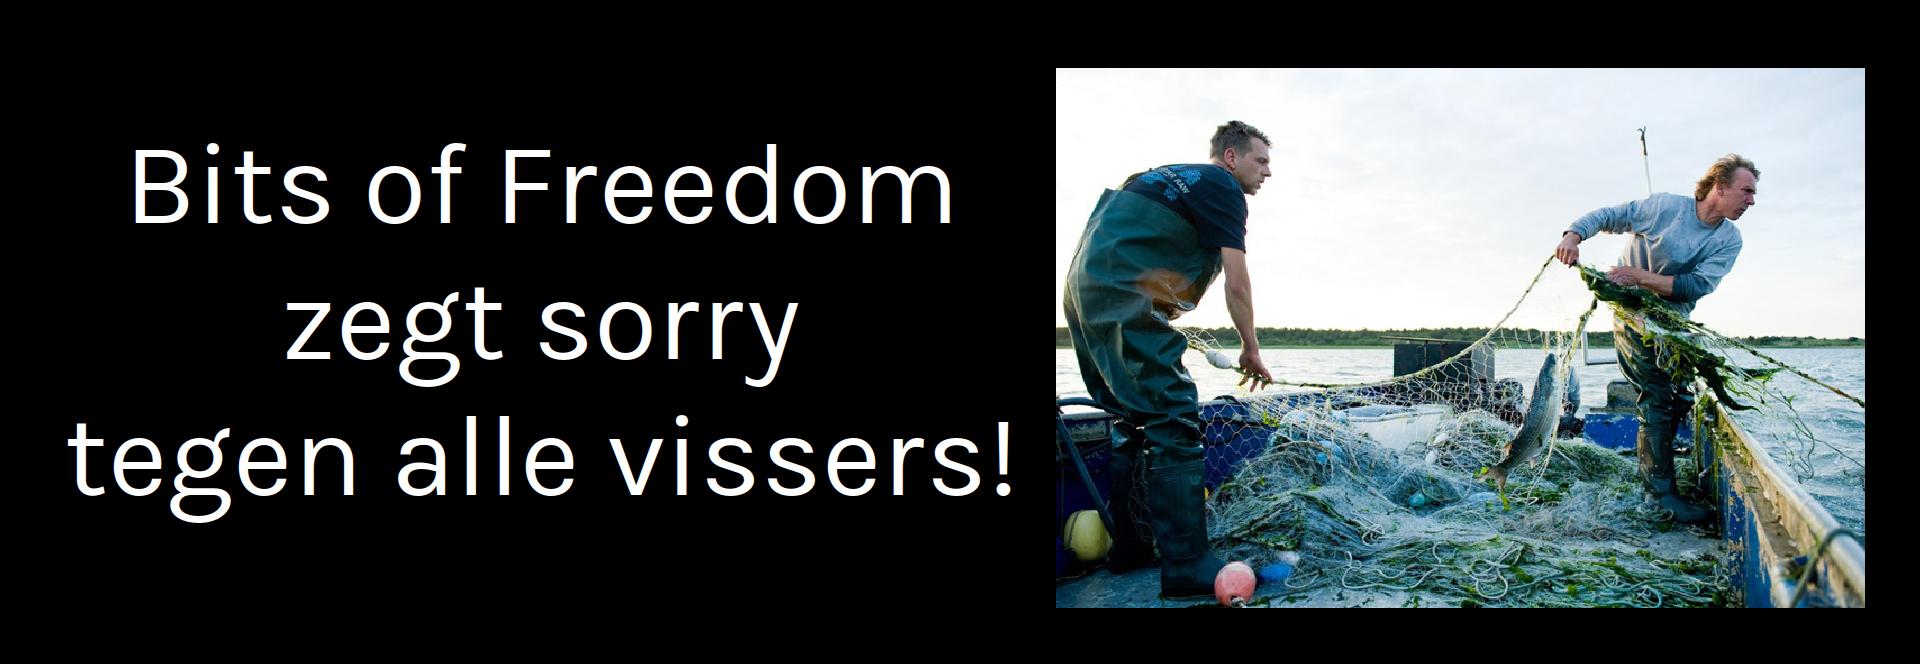 Bits of Freedom zegt sorry tegen tegen de vissers!